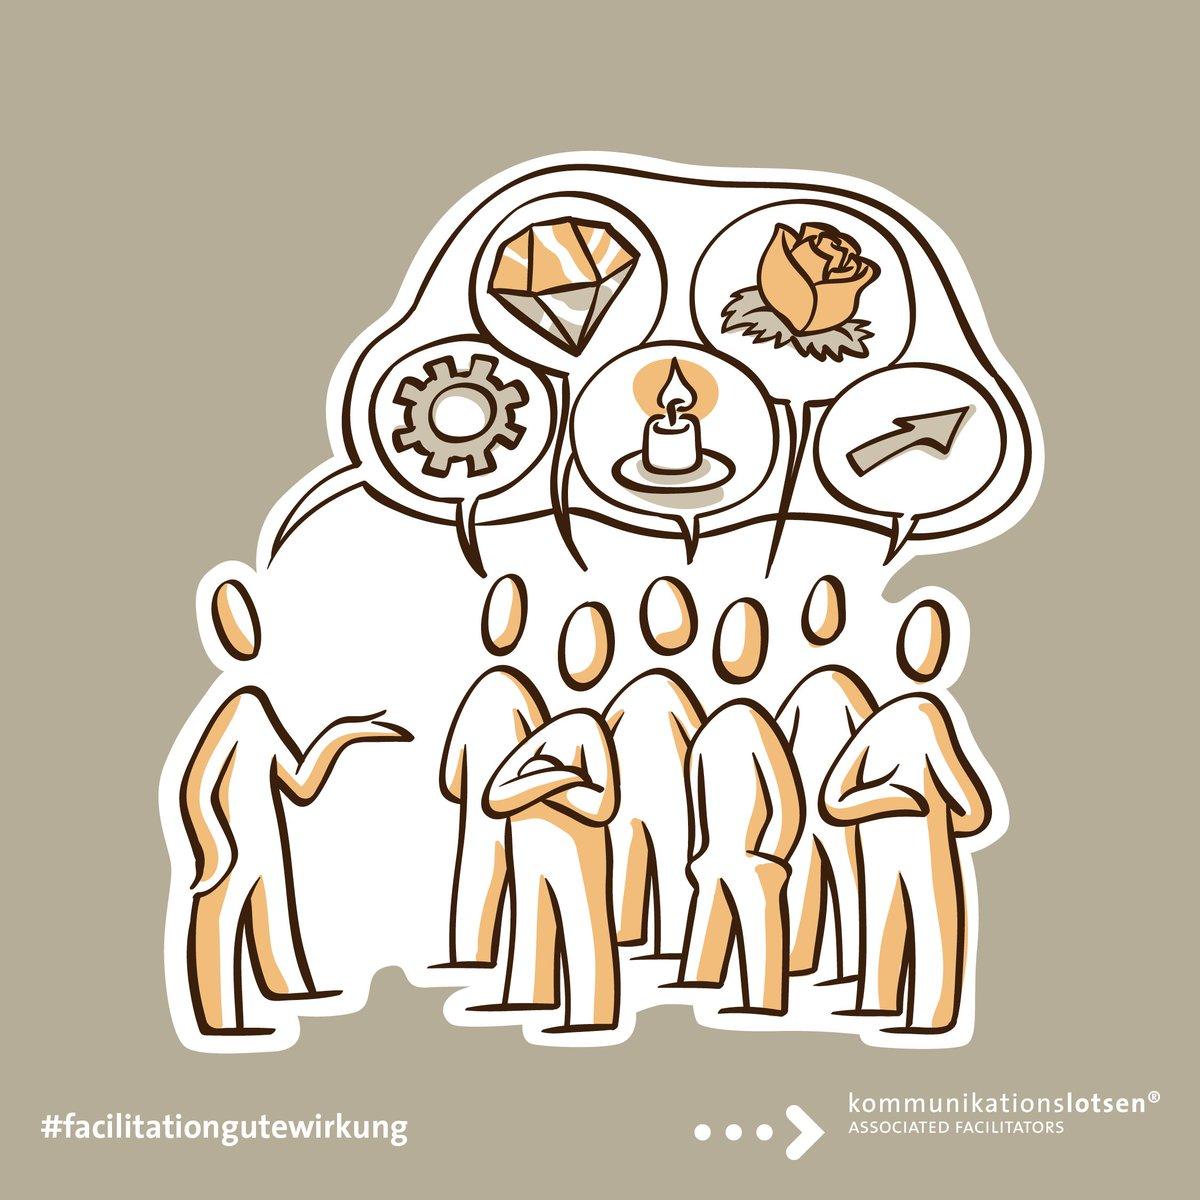 In den 70er-Jahren entwickelten sich synchron verschiedene #Partizipationsverfahren. Aus diesen sind drei noch gültige #facilitative #Prinzipien entstanden: • Fokus auf die #Zukunft • Das ganze #System in einen Raum holen. • Jede #Sichtweise ist wichtig. #kommunikationslotsen https://t.co/sGliXRD2A9